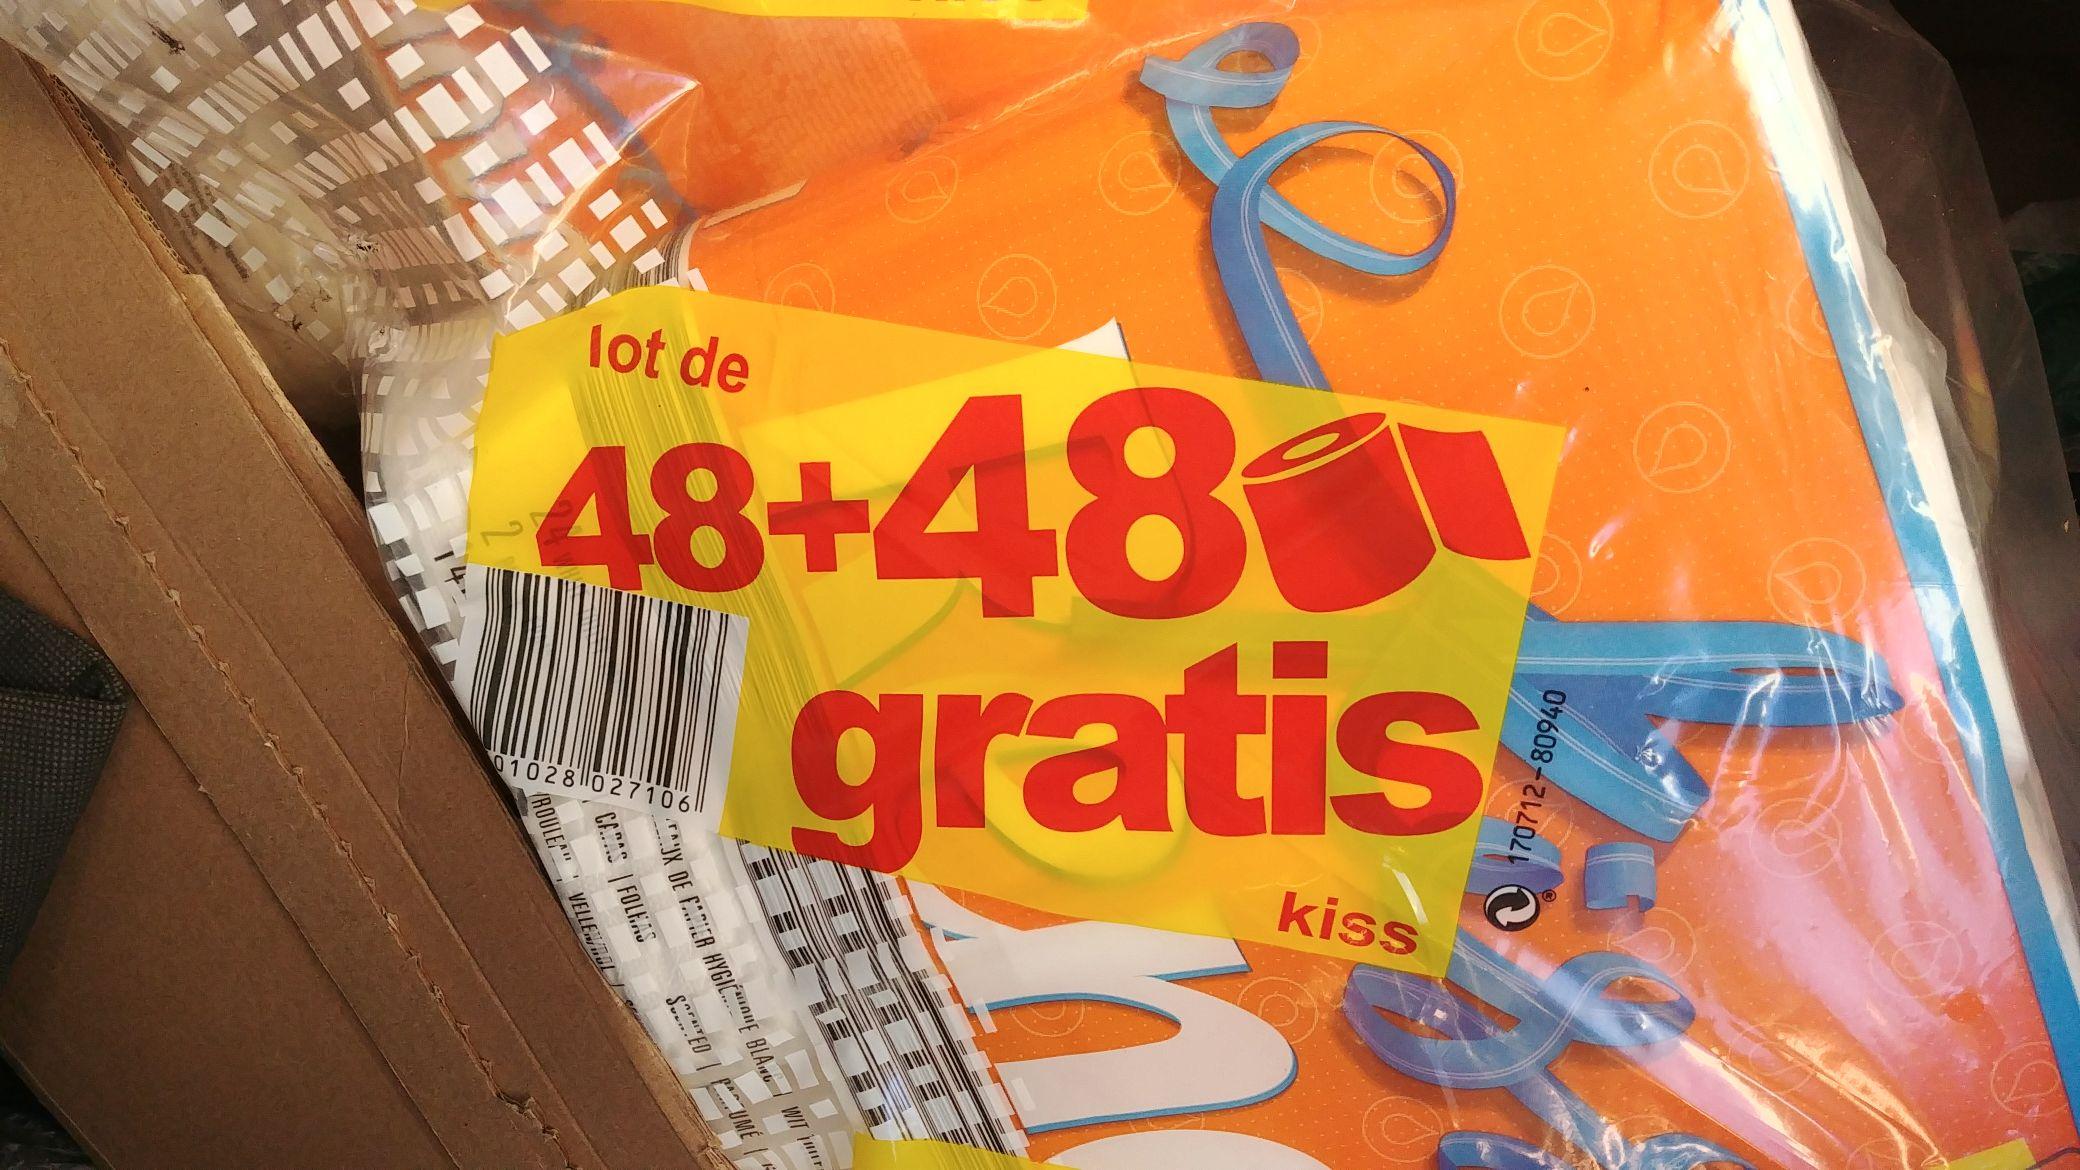 17144074-sUAu4.jpg